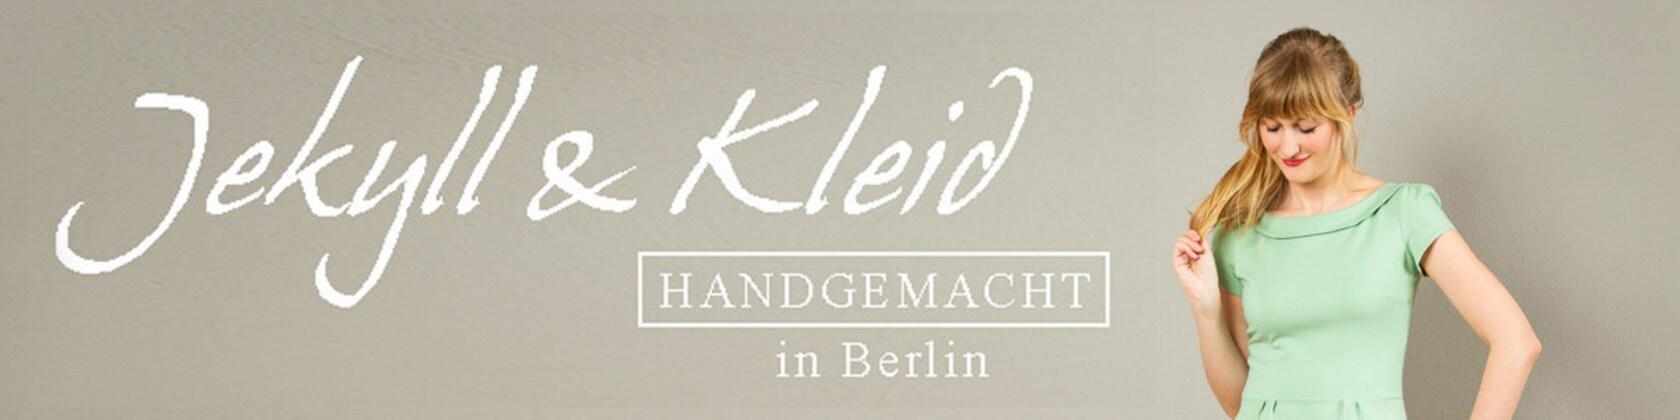 Berliner Modelabel von jekyllundkleid auf Etsy